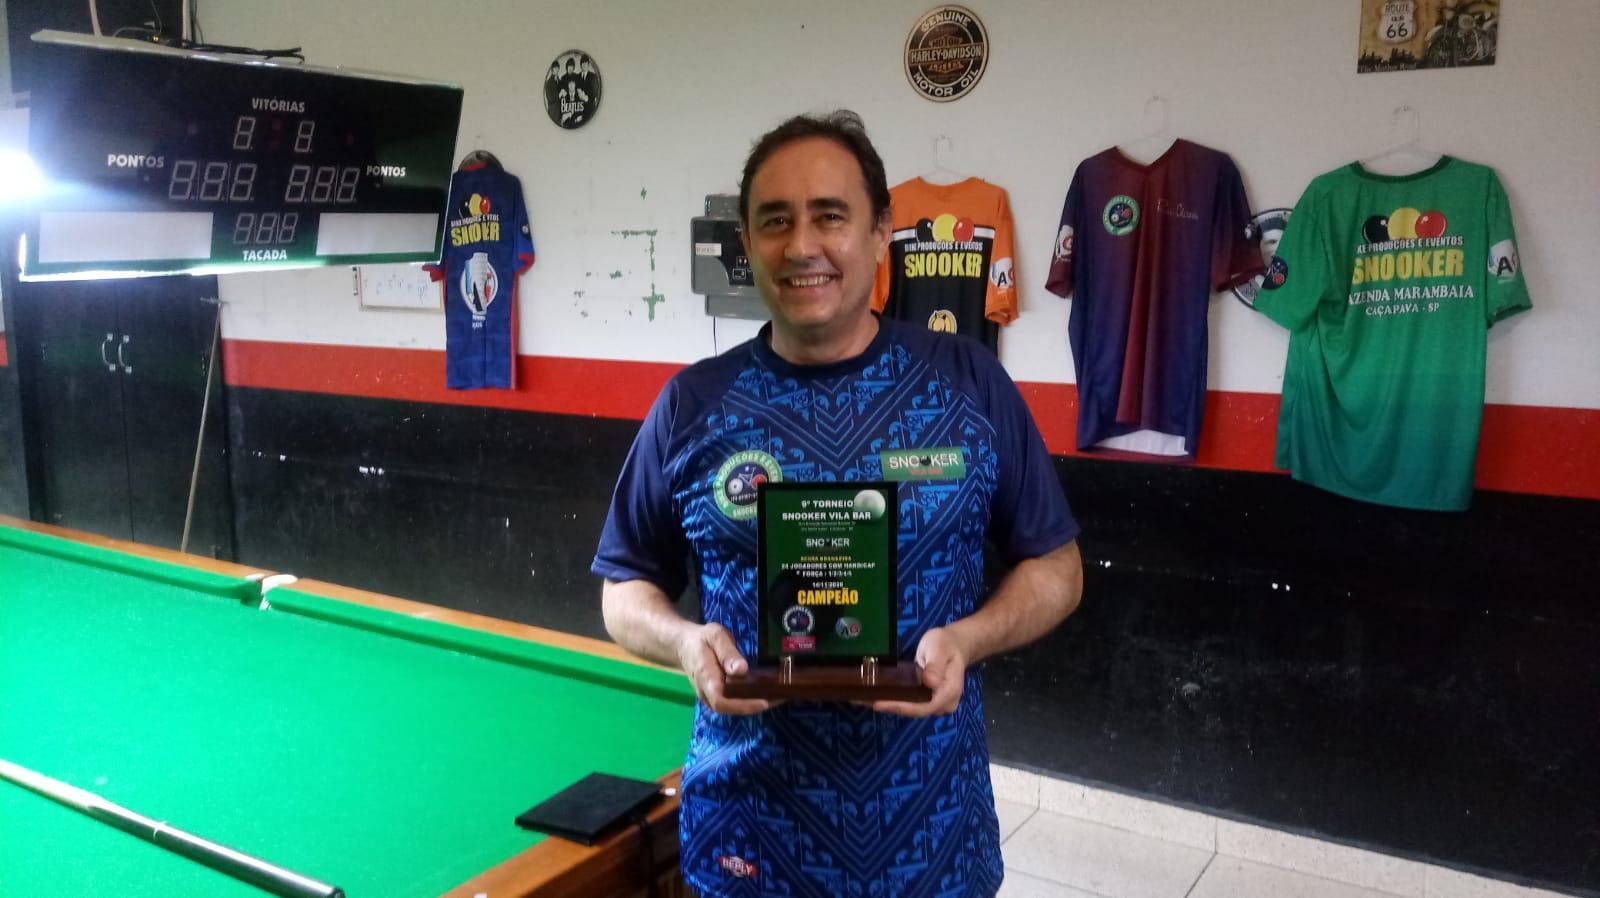 Nossoclubino vence torneio de snooker realizado em Campinas